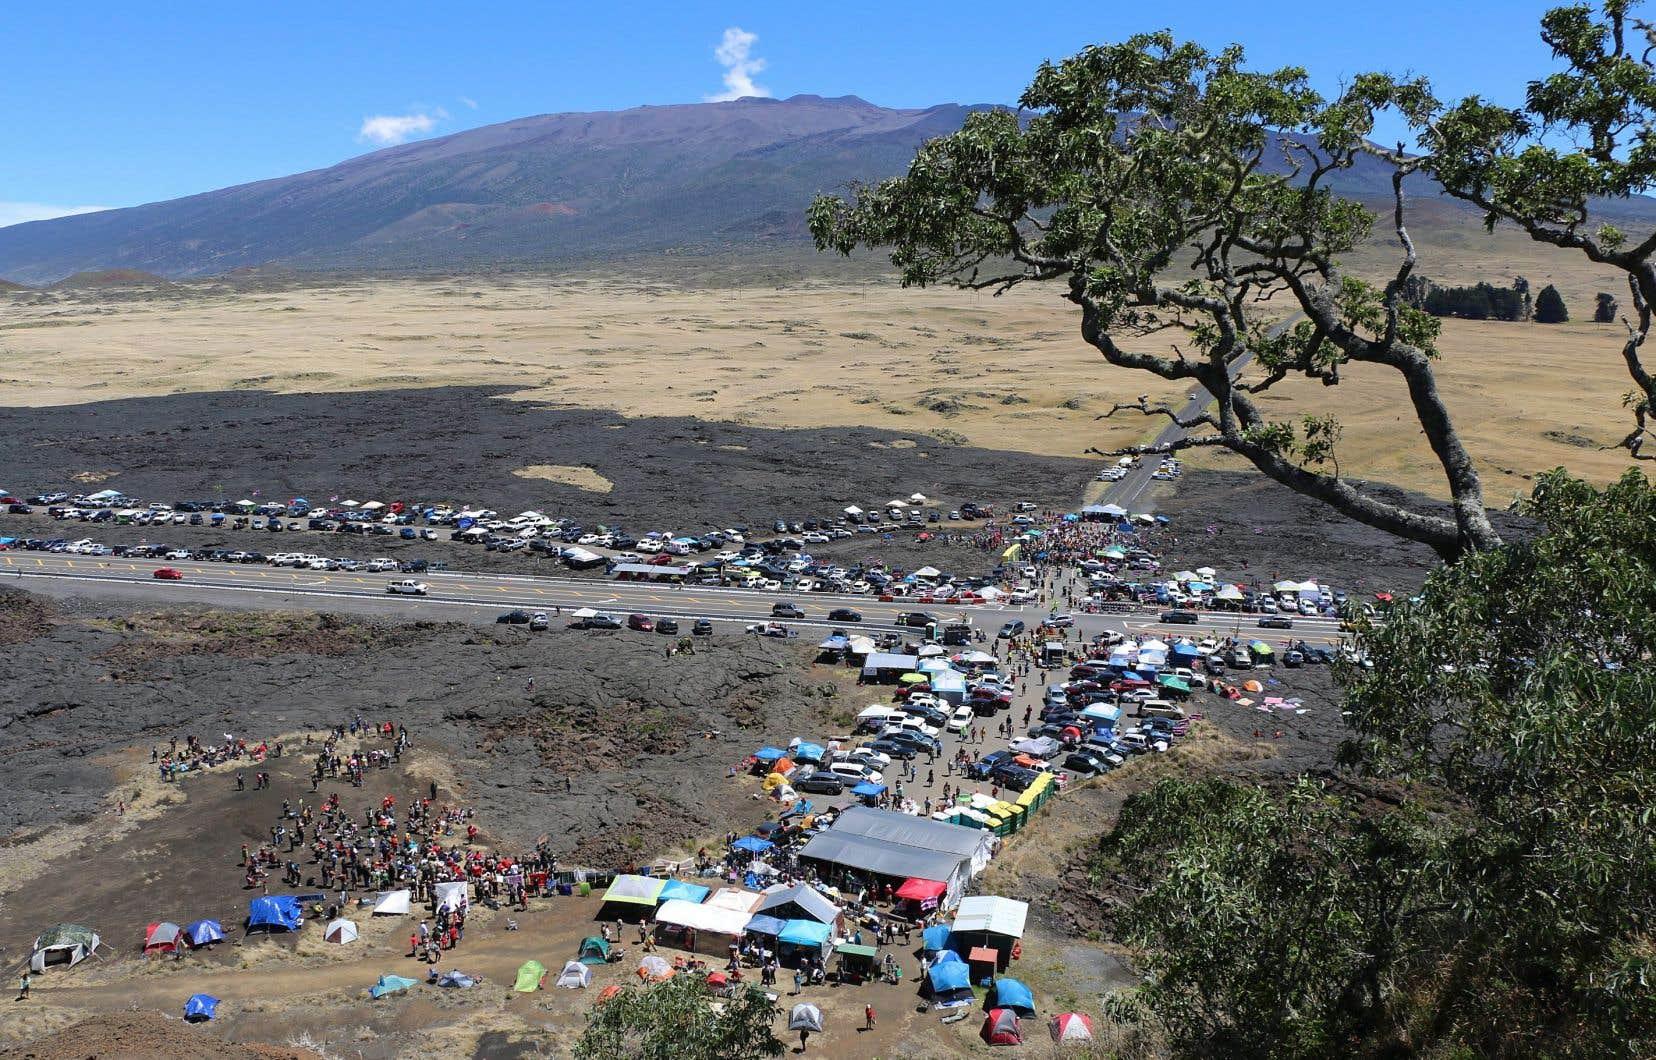 L'élévation hors norme du volcan (4200 m), dont la route a notamment été bloquée fin juillet, lui confère une importance majeure dans la culture hawaïenne.